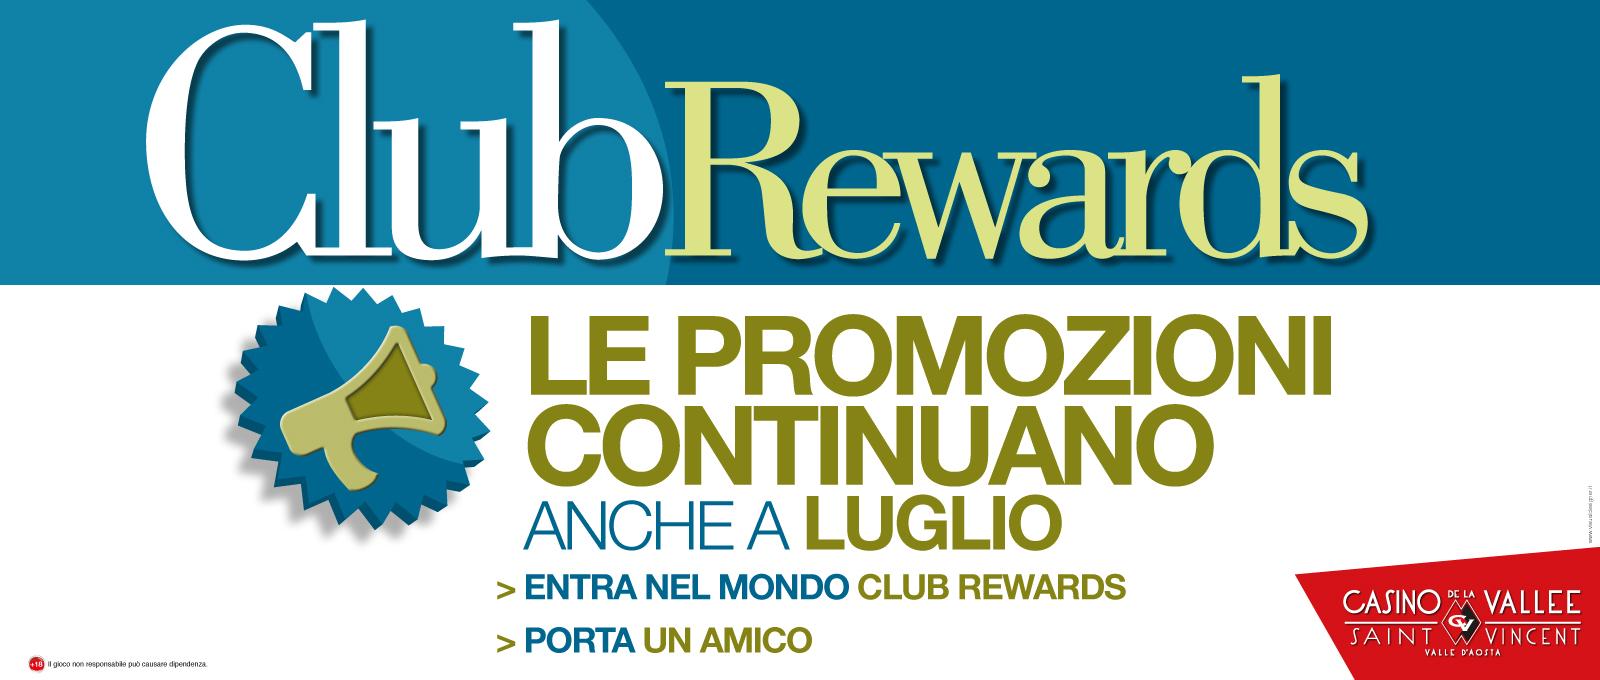 CLUB REWARDS